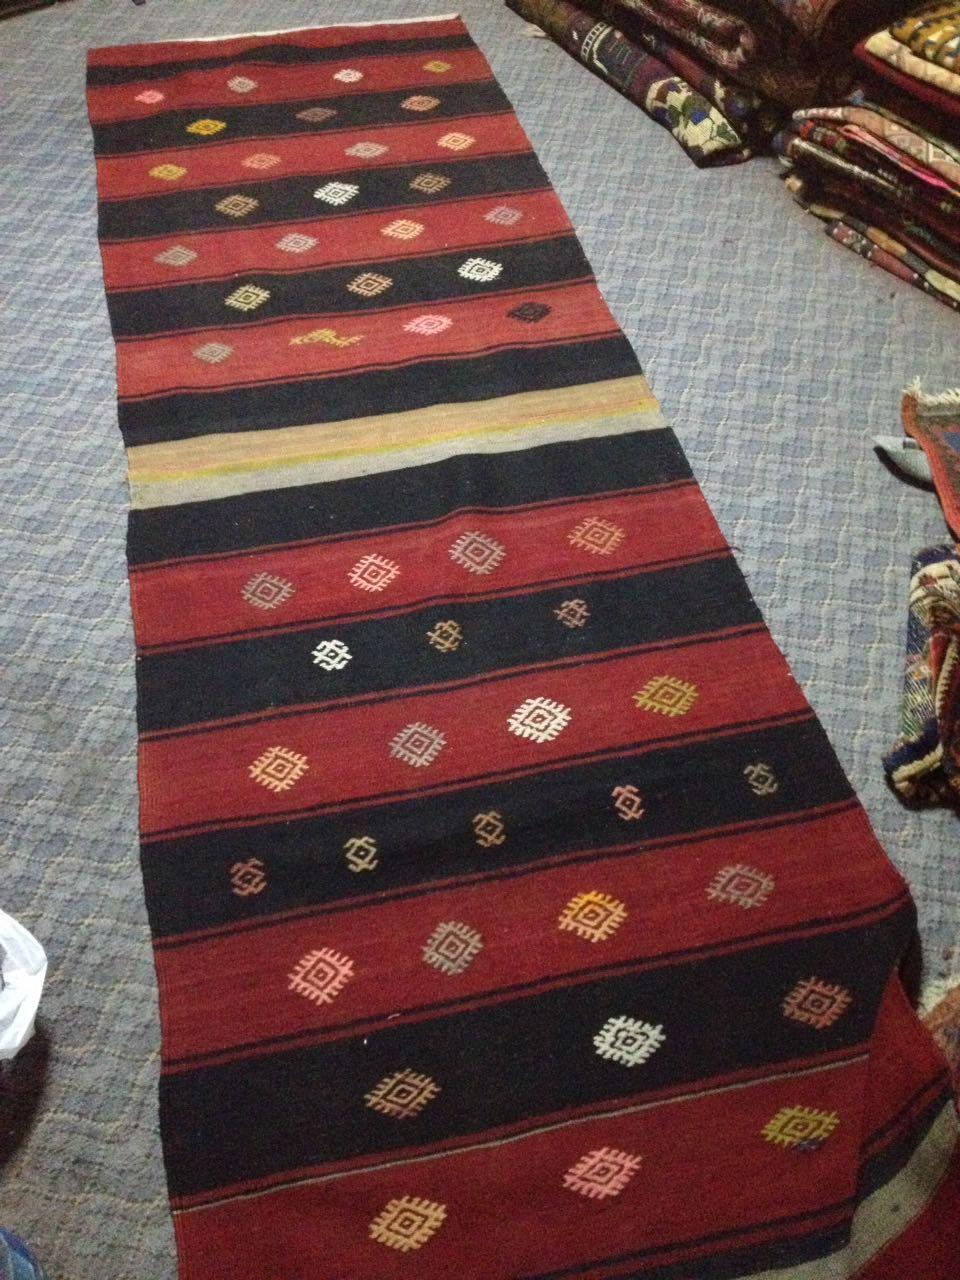 Tapis kilim pour coussin vintage par KaravaneSerail